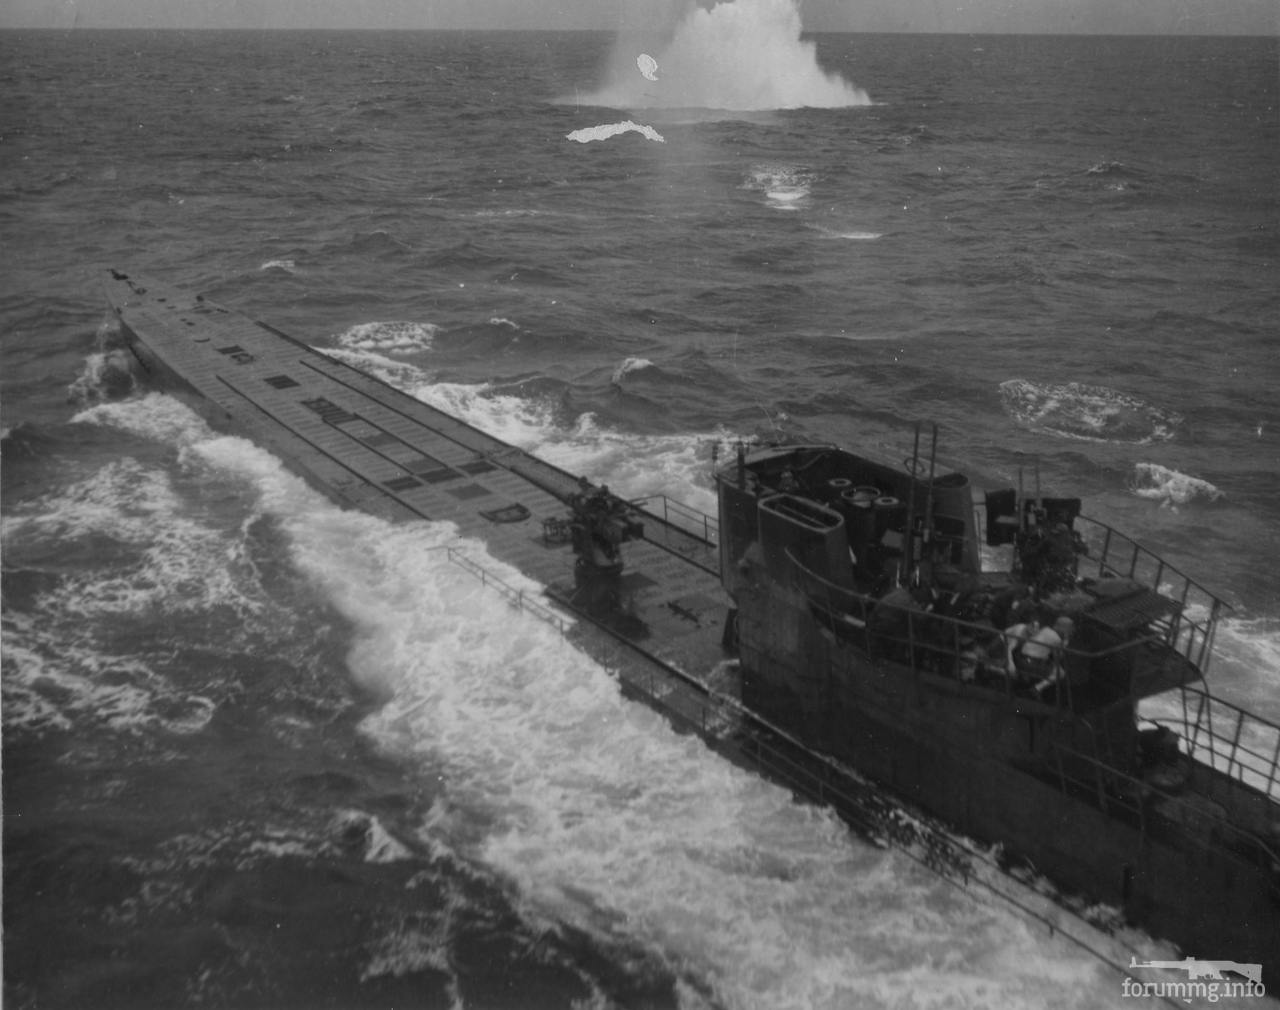 132294 - Уничтожение U-848, 05 ноября 1943 г.